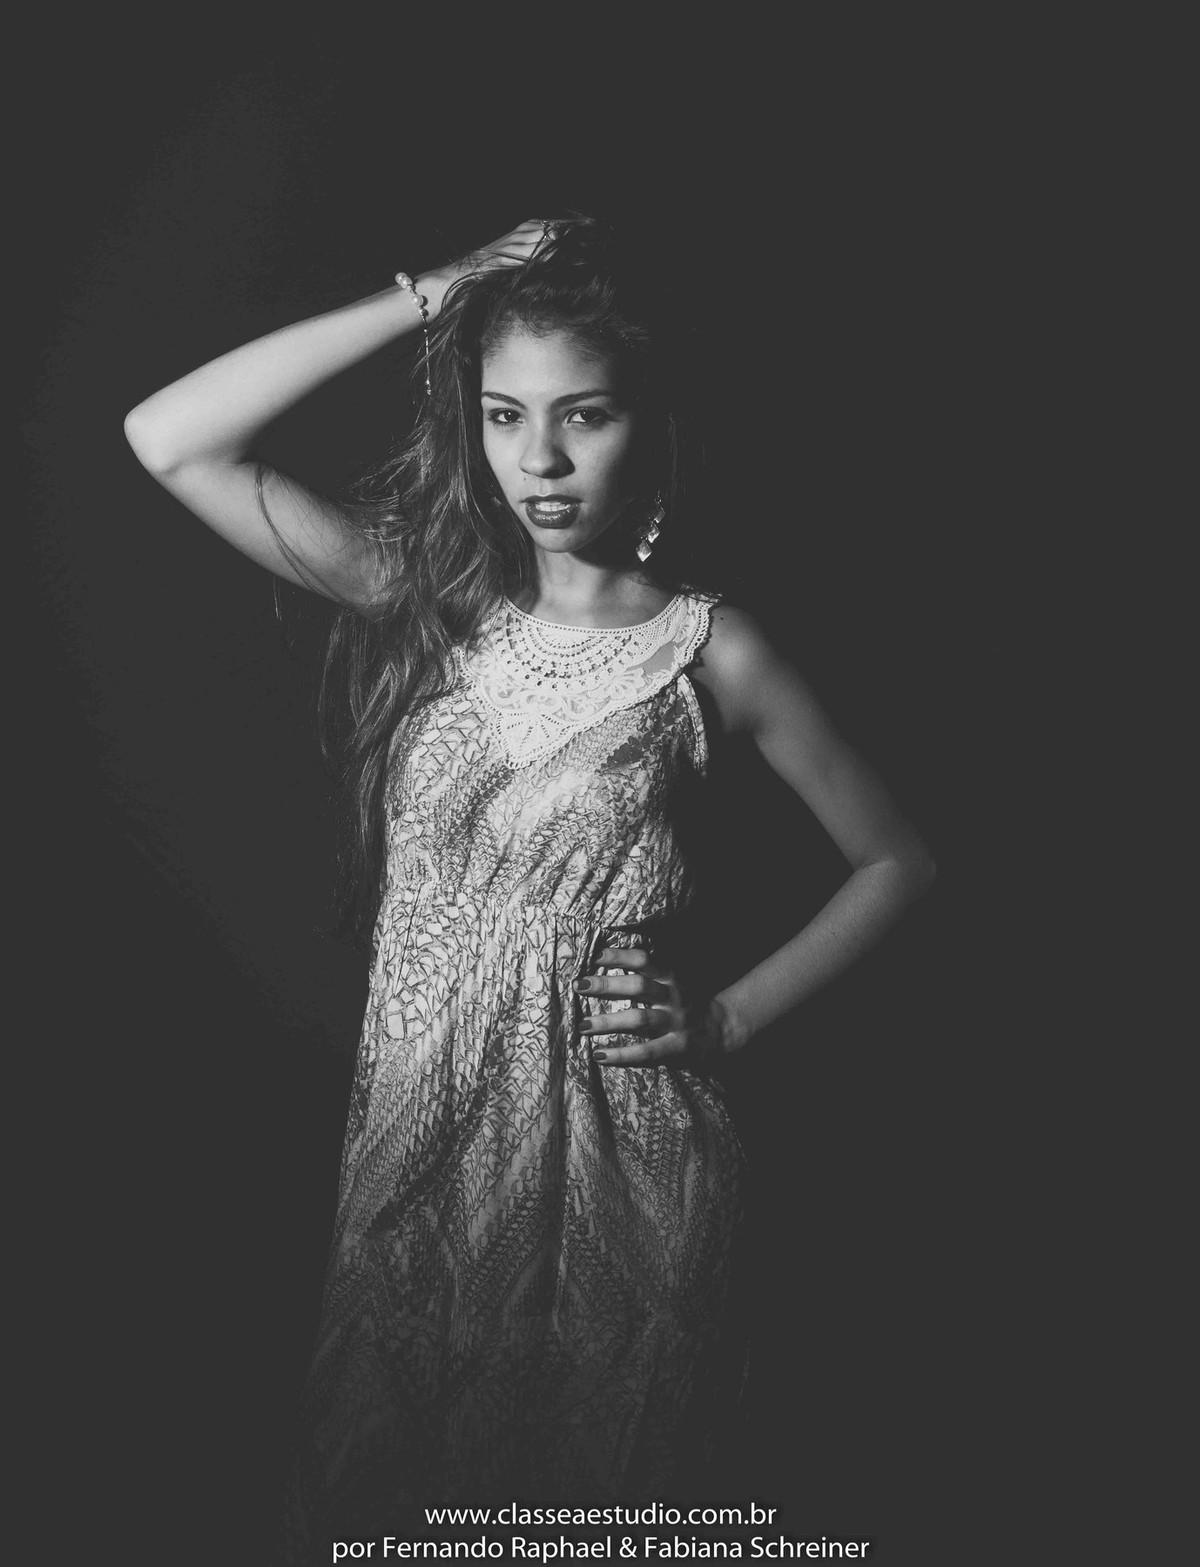 fotografo fashion